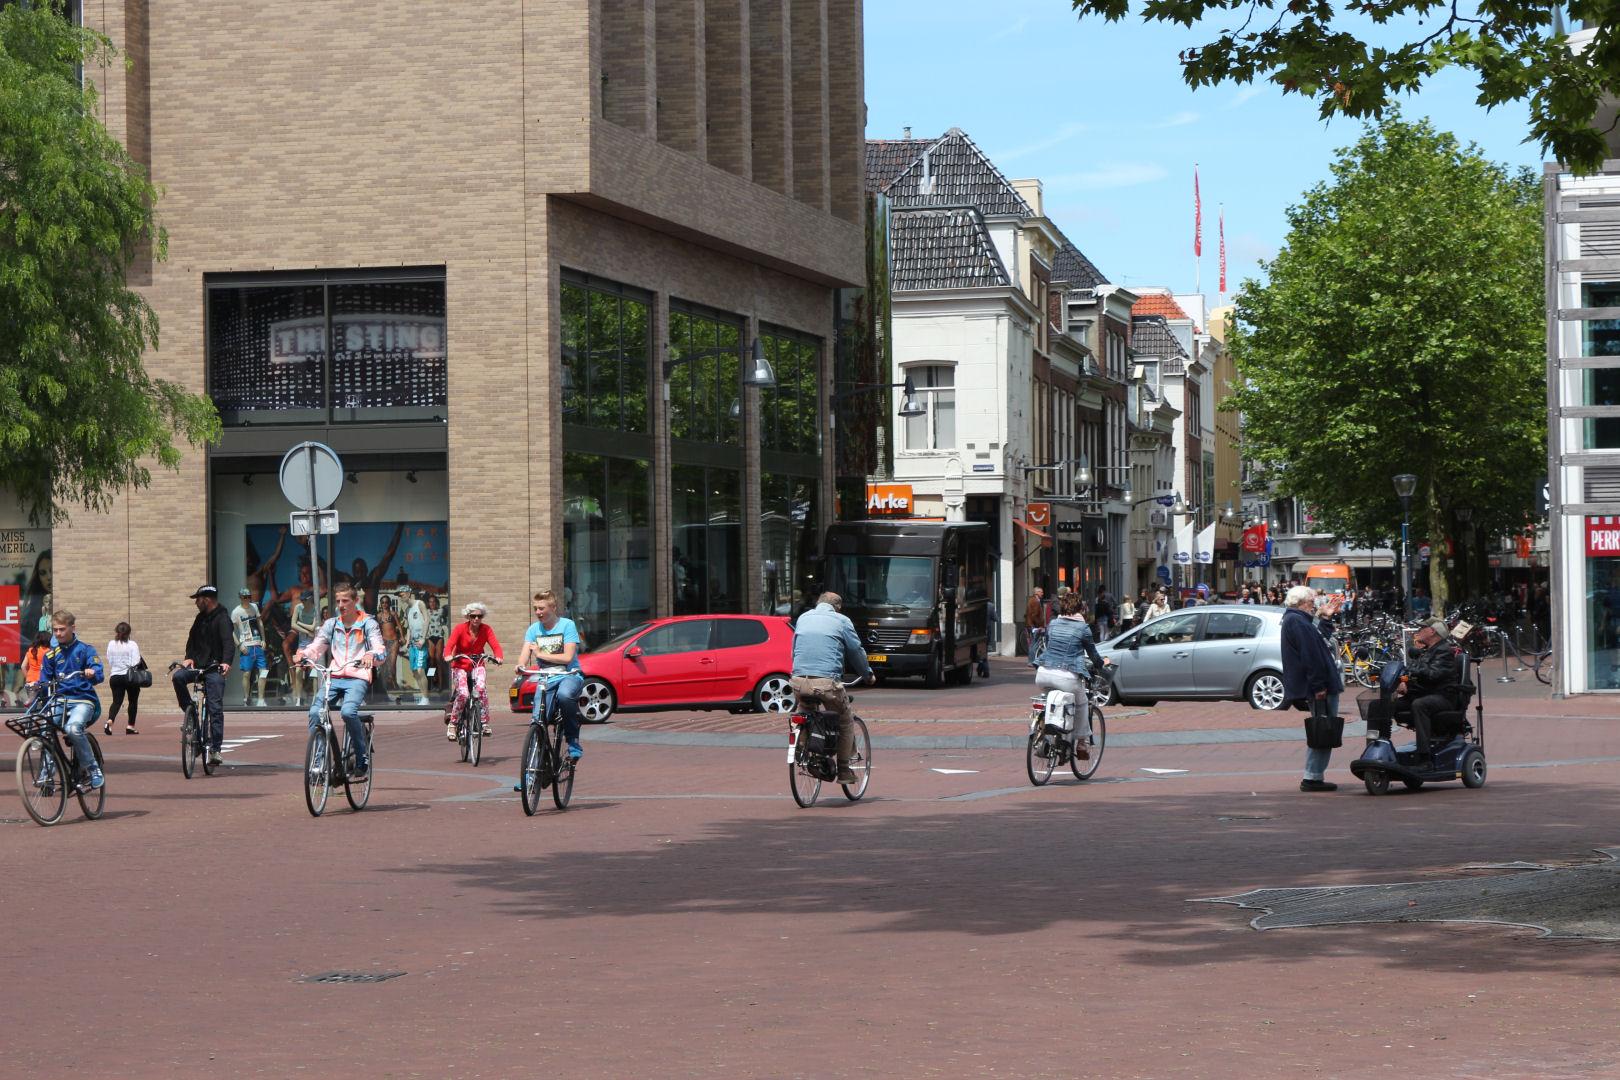 Rotonde Beursplein Leeuwarden (bron: Reyer Boxem)